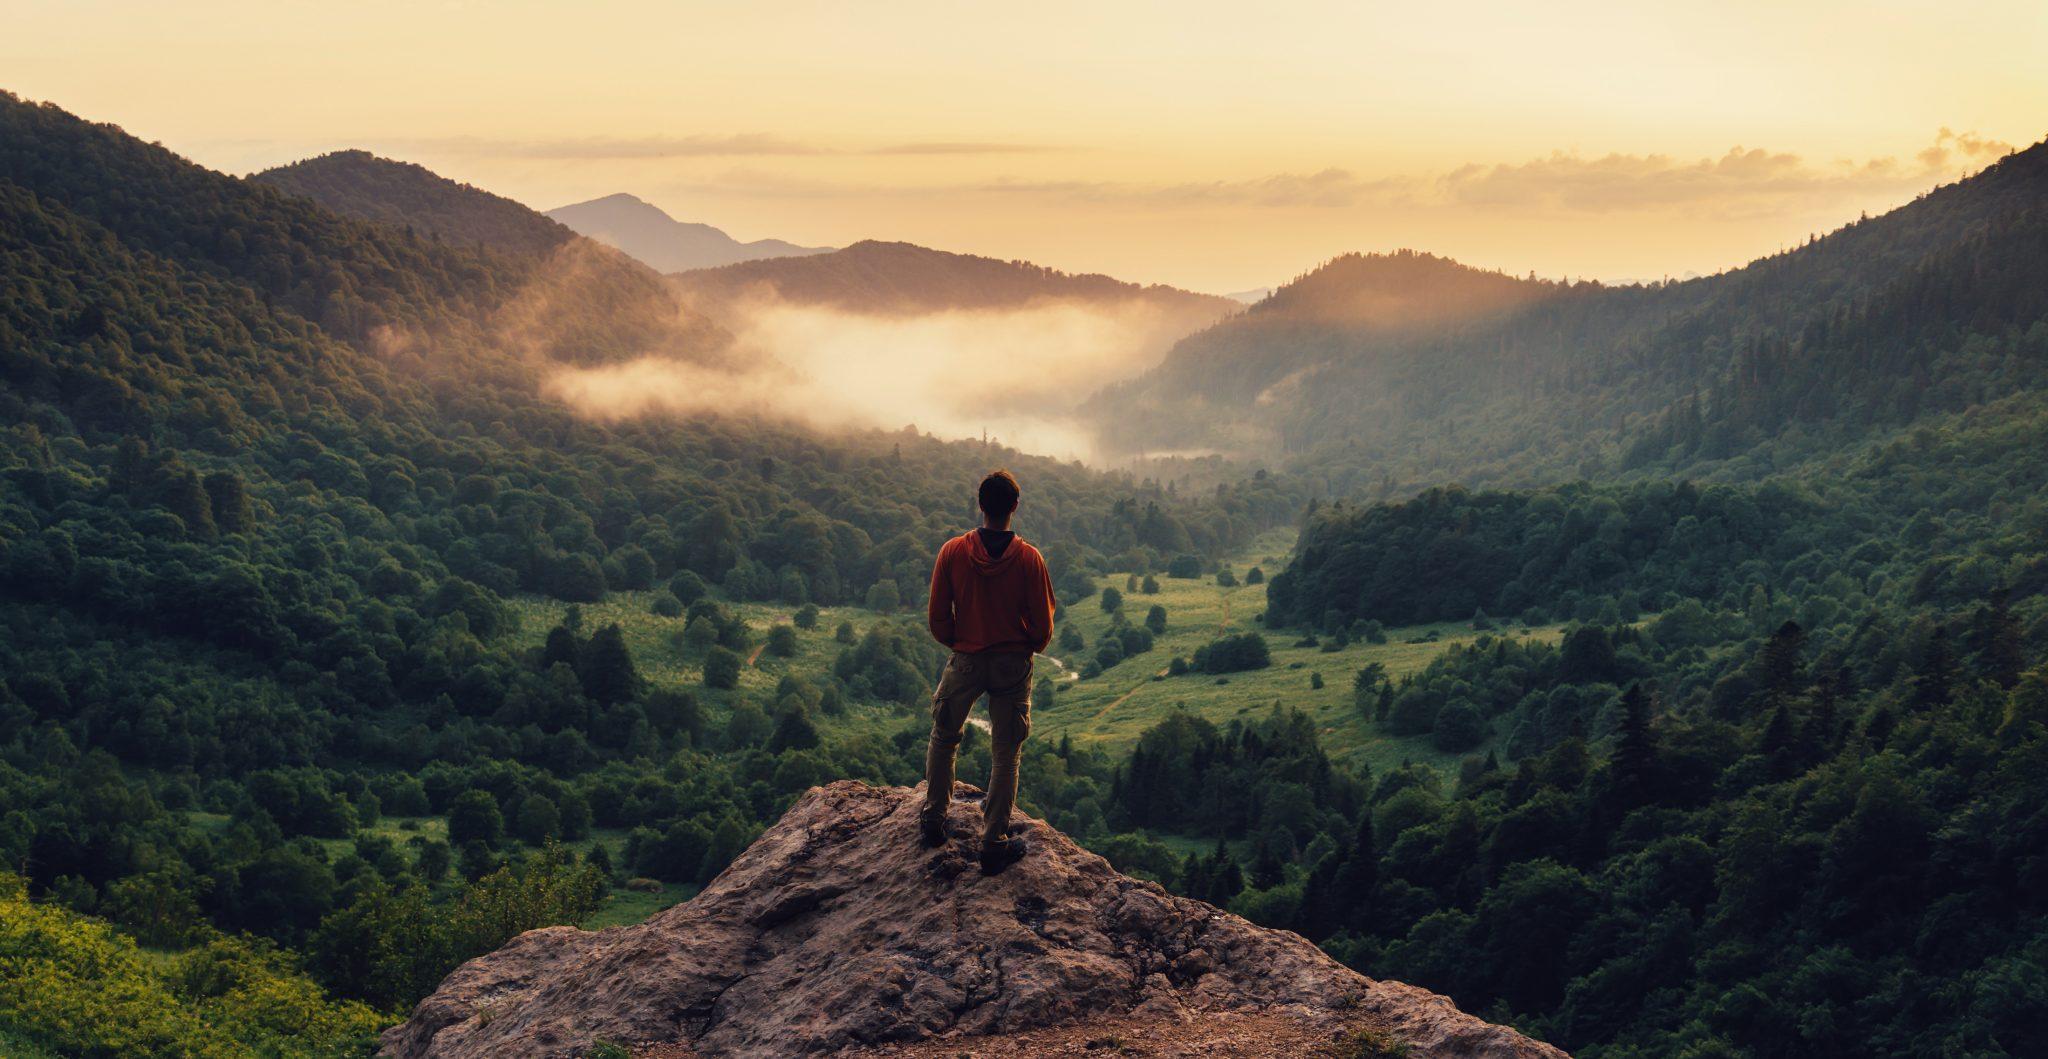 まずは小さな山の頂点に立とう